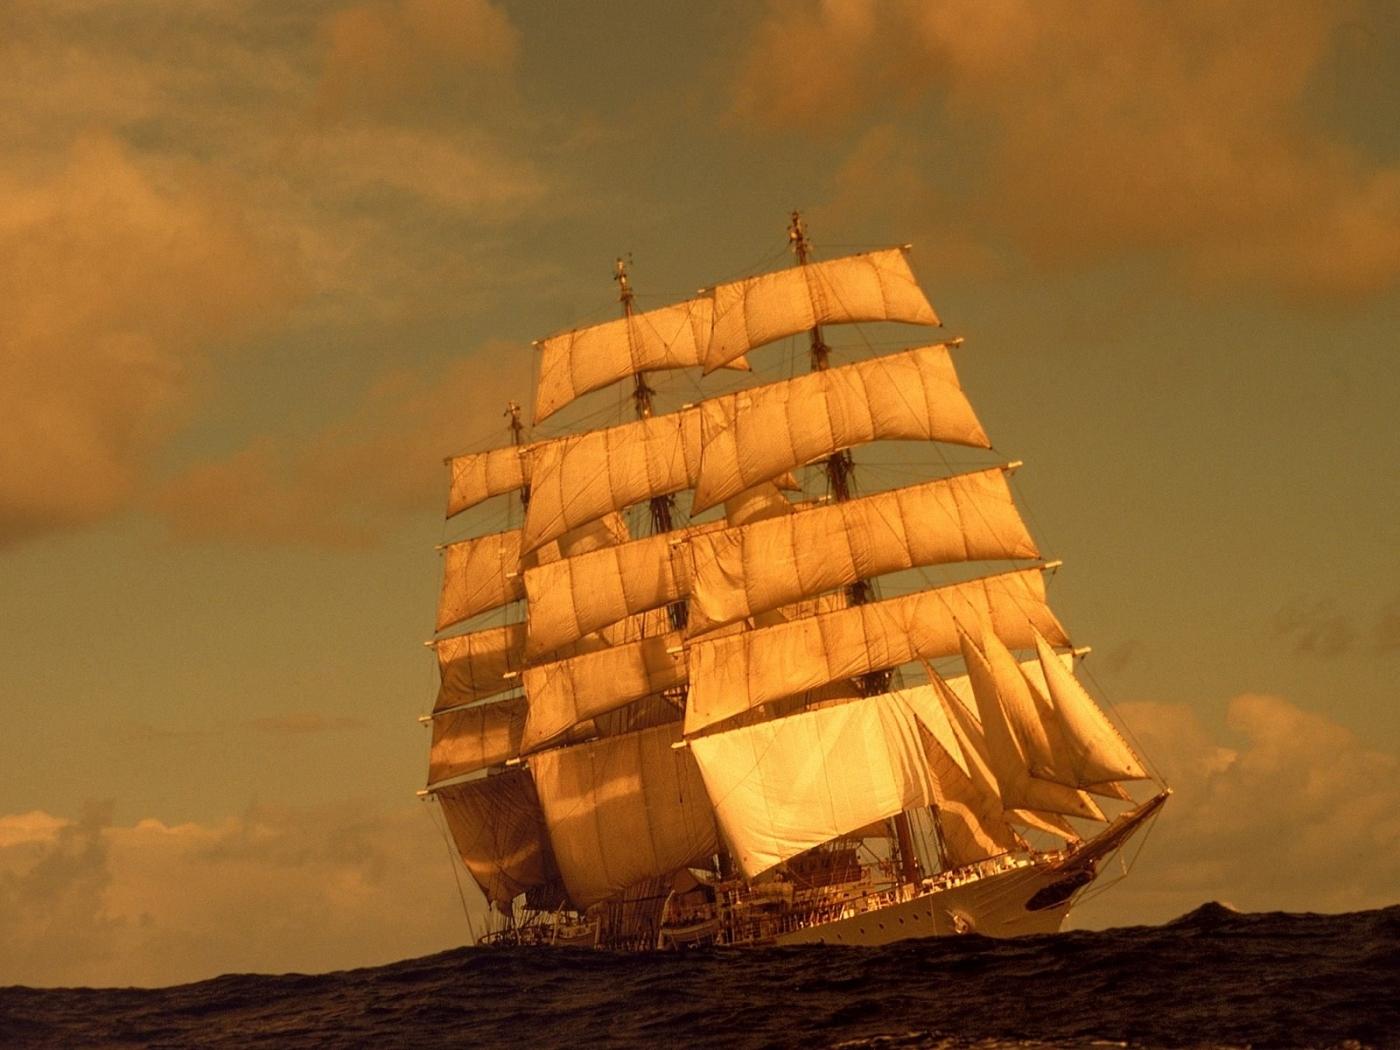 41622 скачать обои Транспорт, Корабли, Море - заставки и картинки бесплатно